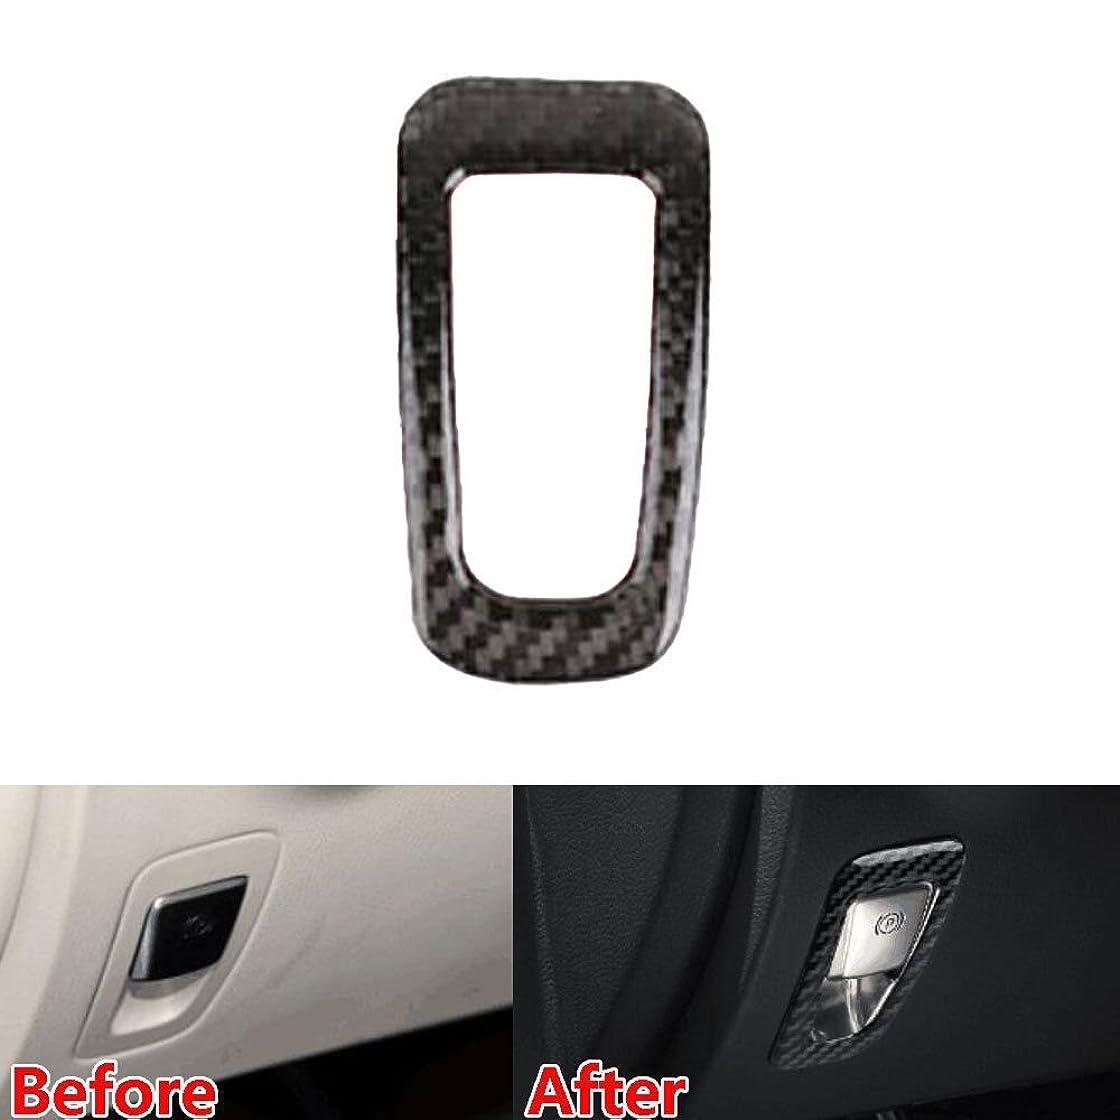 政策想像する大学生Jicorzo - Car Electronic Handbrake Frame Cover Trim Decor Interior Car-Styling Sticker For Mercedes Benz GLA Class 2016 17 Car Accessories